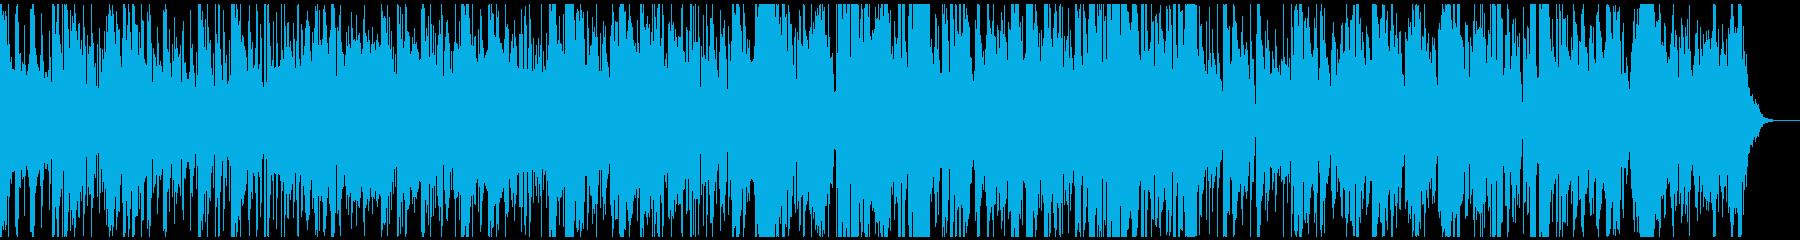 生演奏によるジャズ風サンバボサノバの再生済みの波形